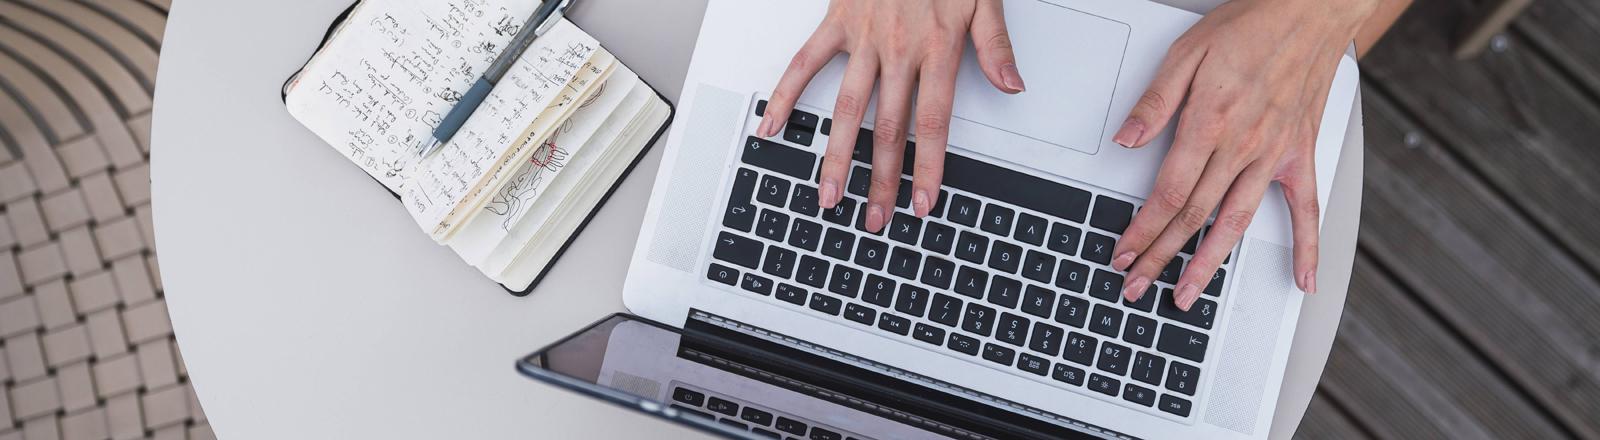 Eine Frau schreibt an einem Laptop.